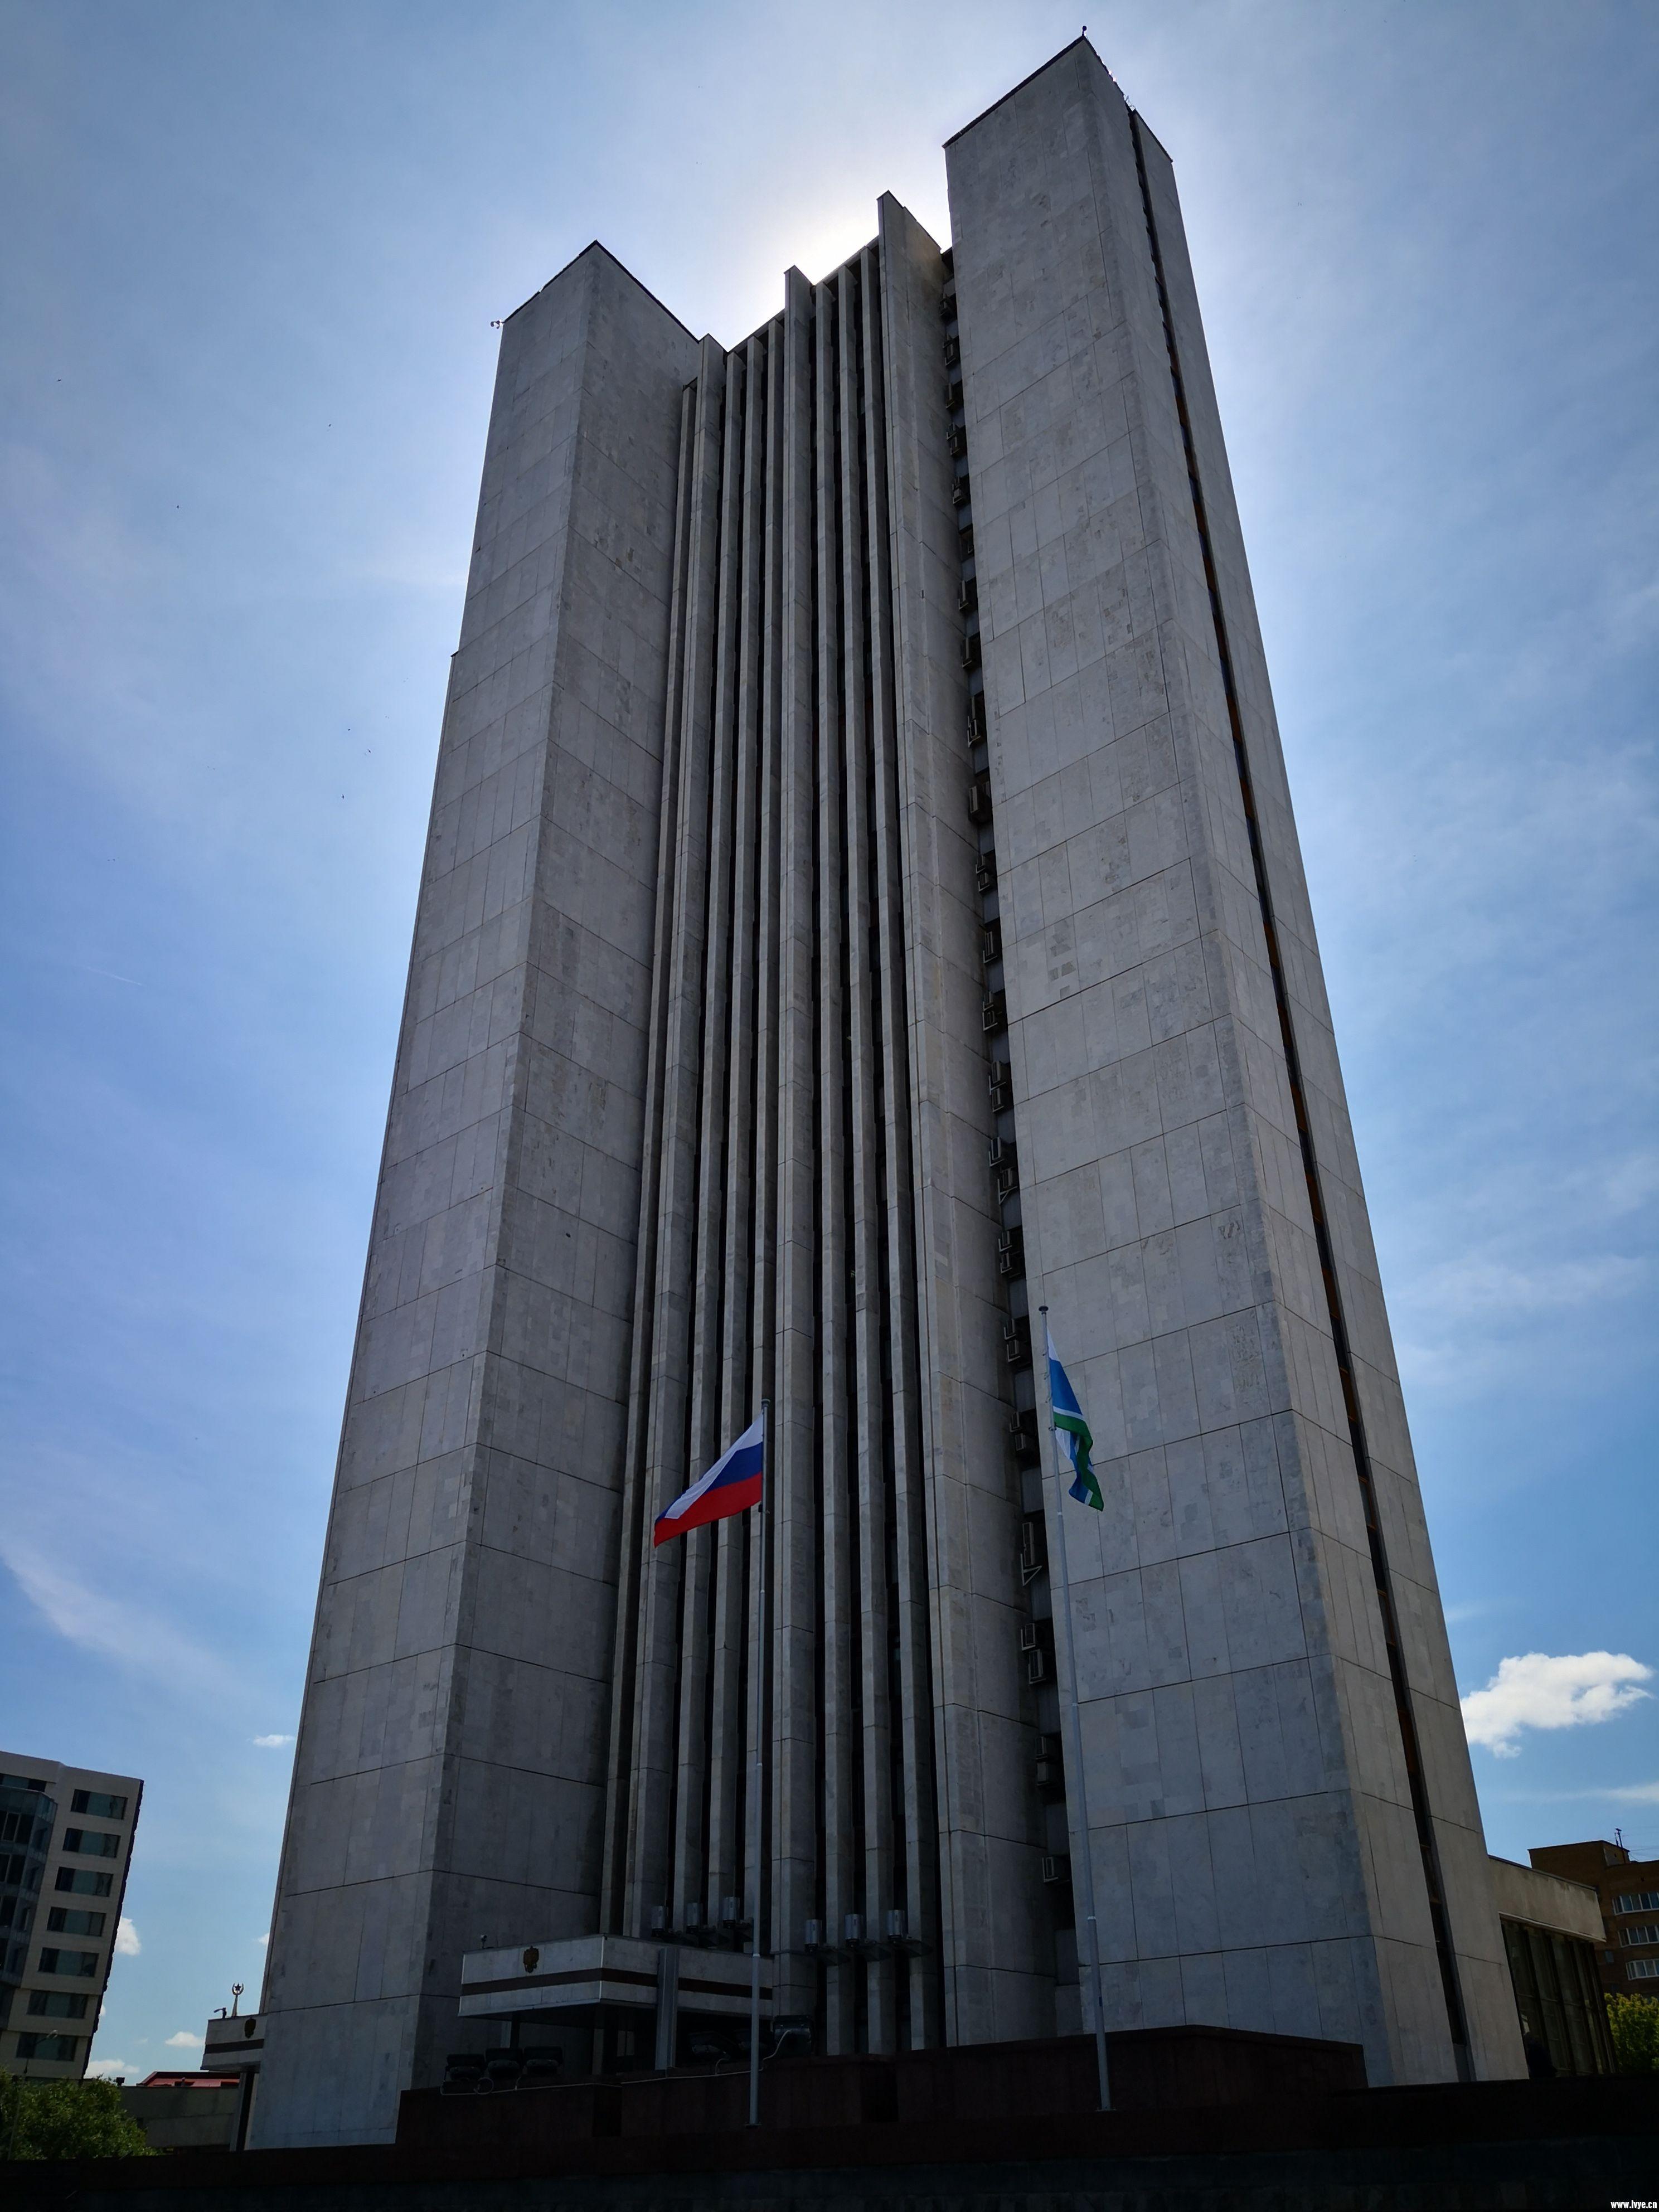 18.叶卡捷琳堡的建筑